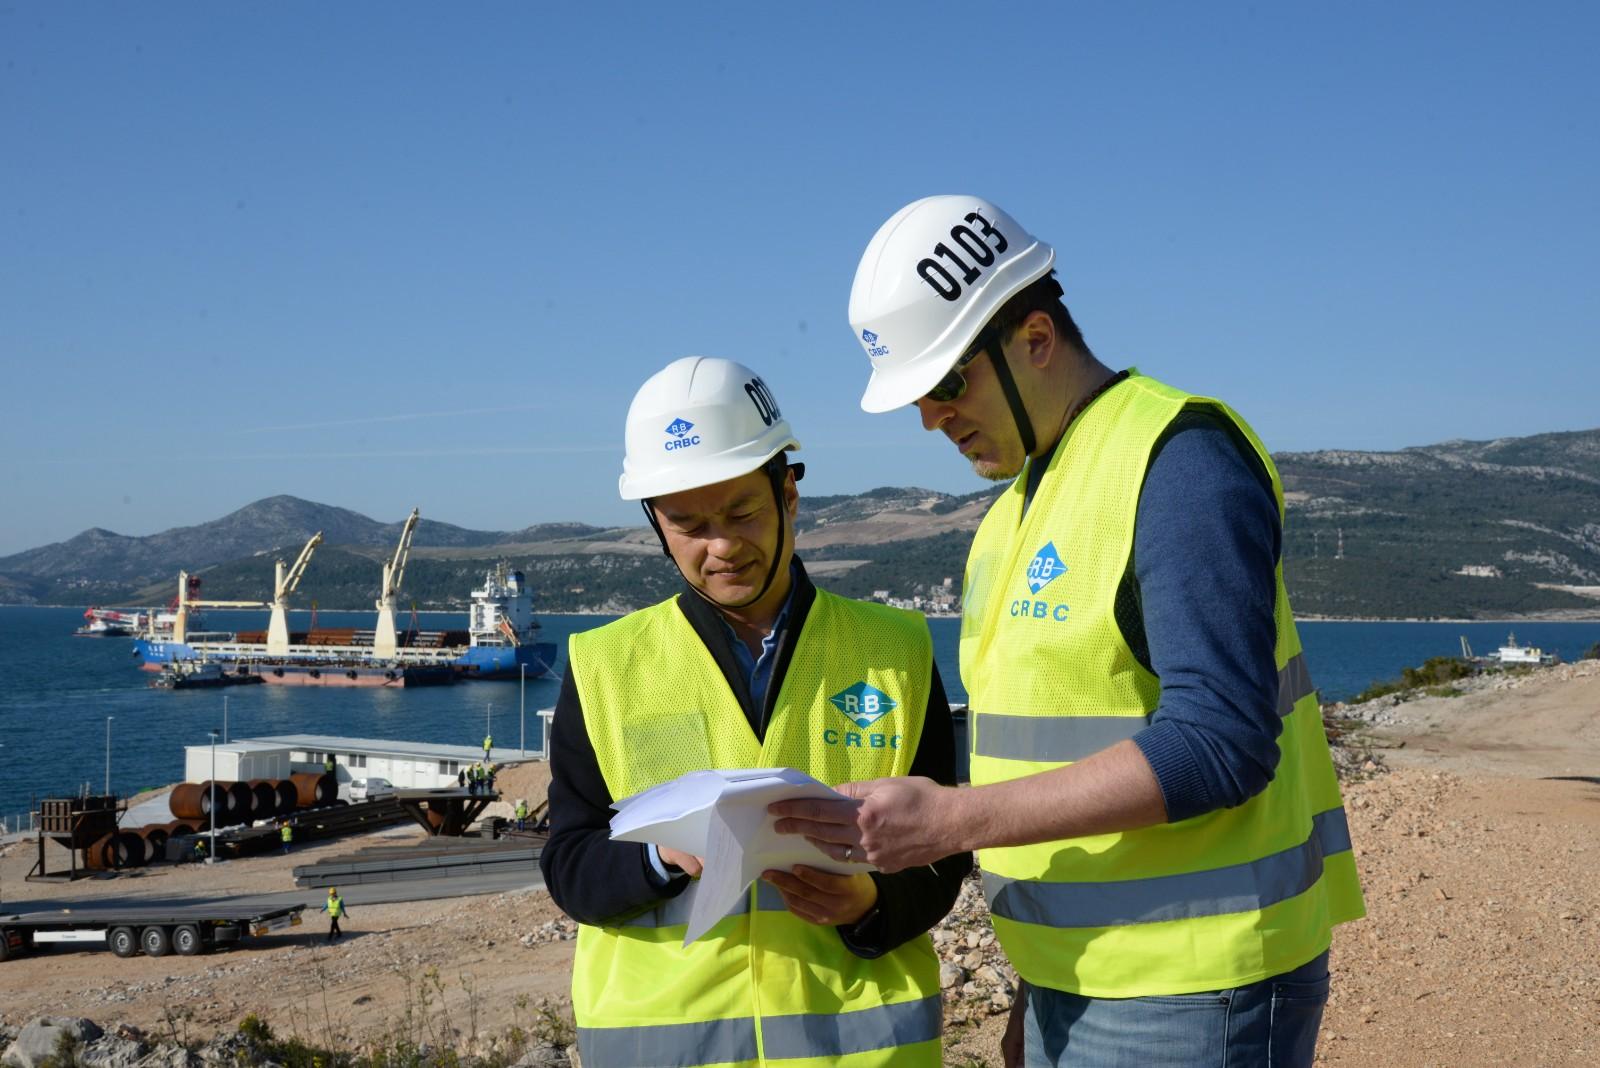 3月21日,中国路桥公司工程师张飞(左)和克罗地亚籍同事伊维察·格拉尼奇在克罗地亚佩列沙茨半岛查看图纸。今年1月,克罗地亚总理普连科维奇视察由中企承建的克罗地亚佩列沙茨跨海大桥及其连接线一期工程项目工地时,对中国企业的施工进度表示赞赏,并指出佩列沙茨大桥意义重大,体现克中两国良好合作关系。